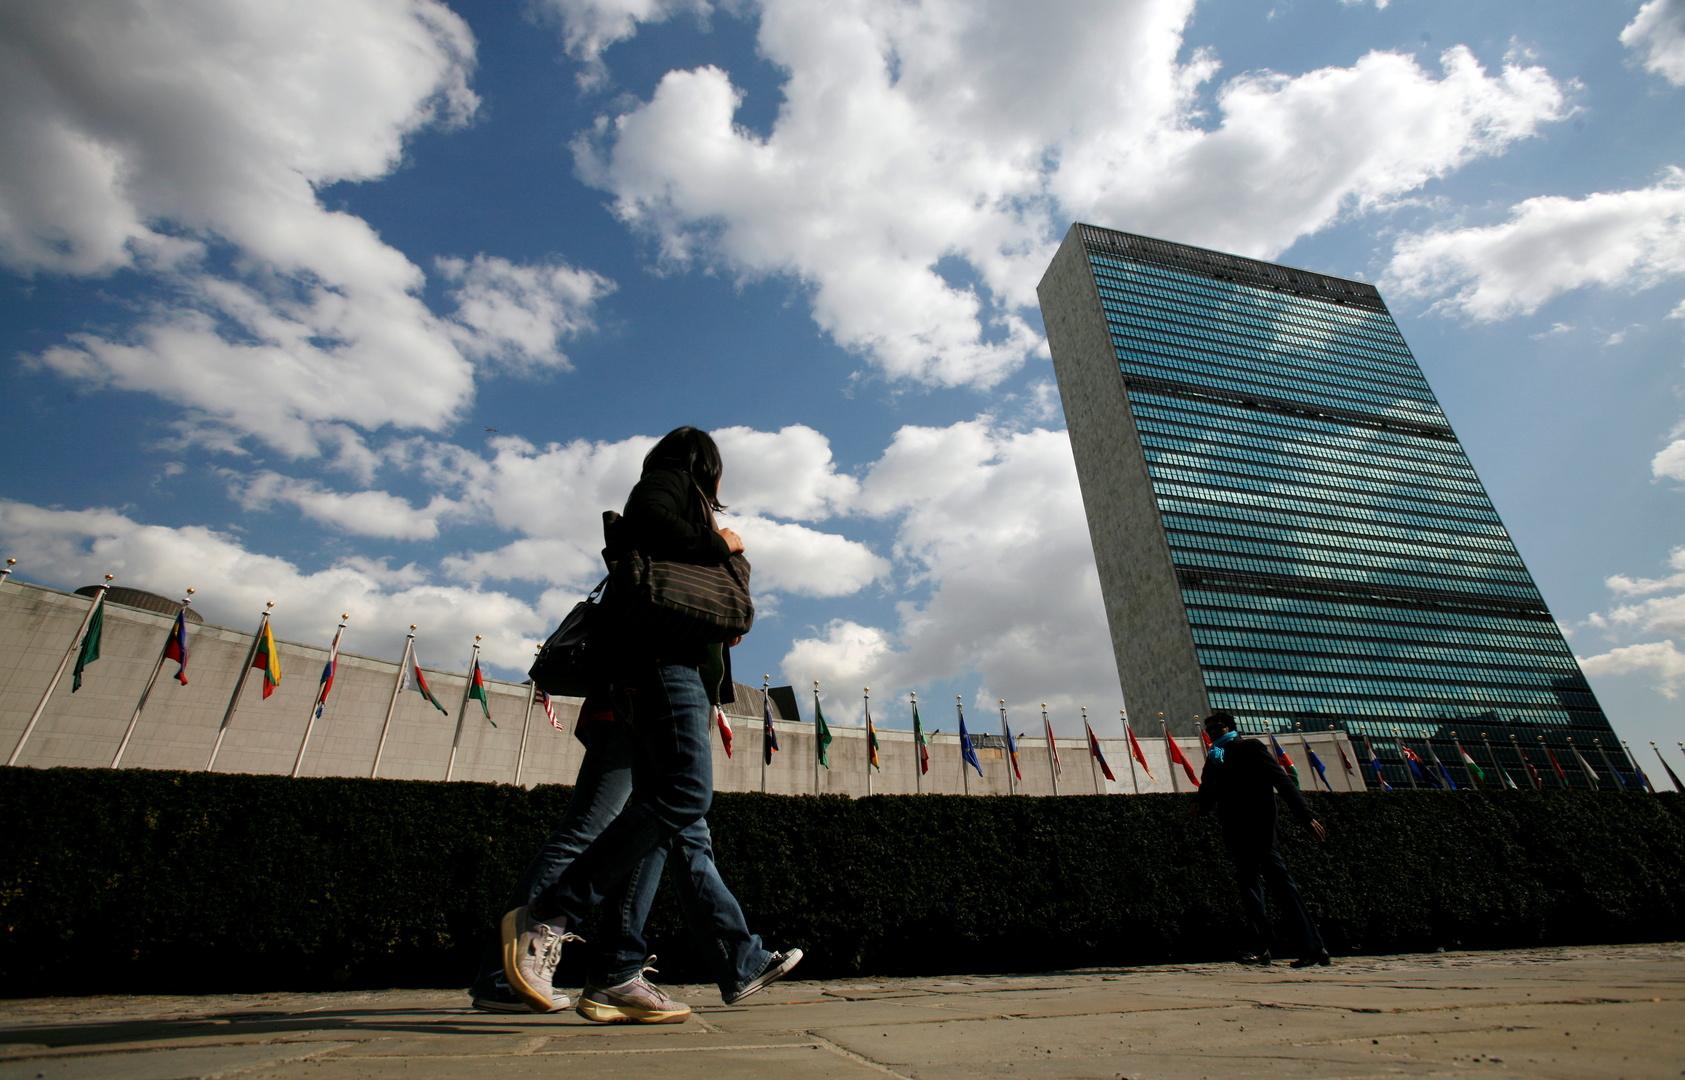 الجمعية العامة للأمم المتحدة تبحث إمكانية عقد دورتها المقبلة حضوريا